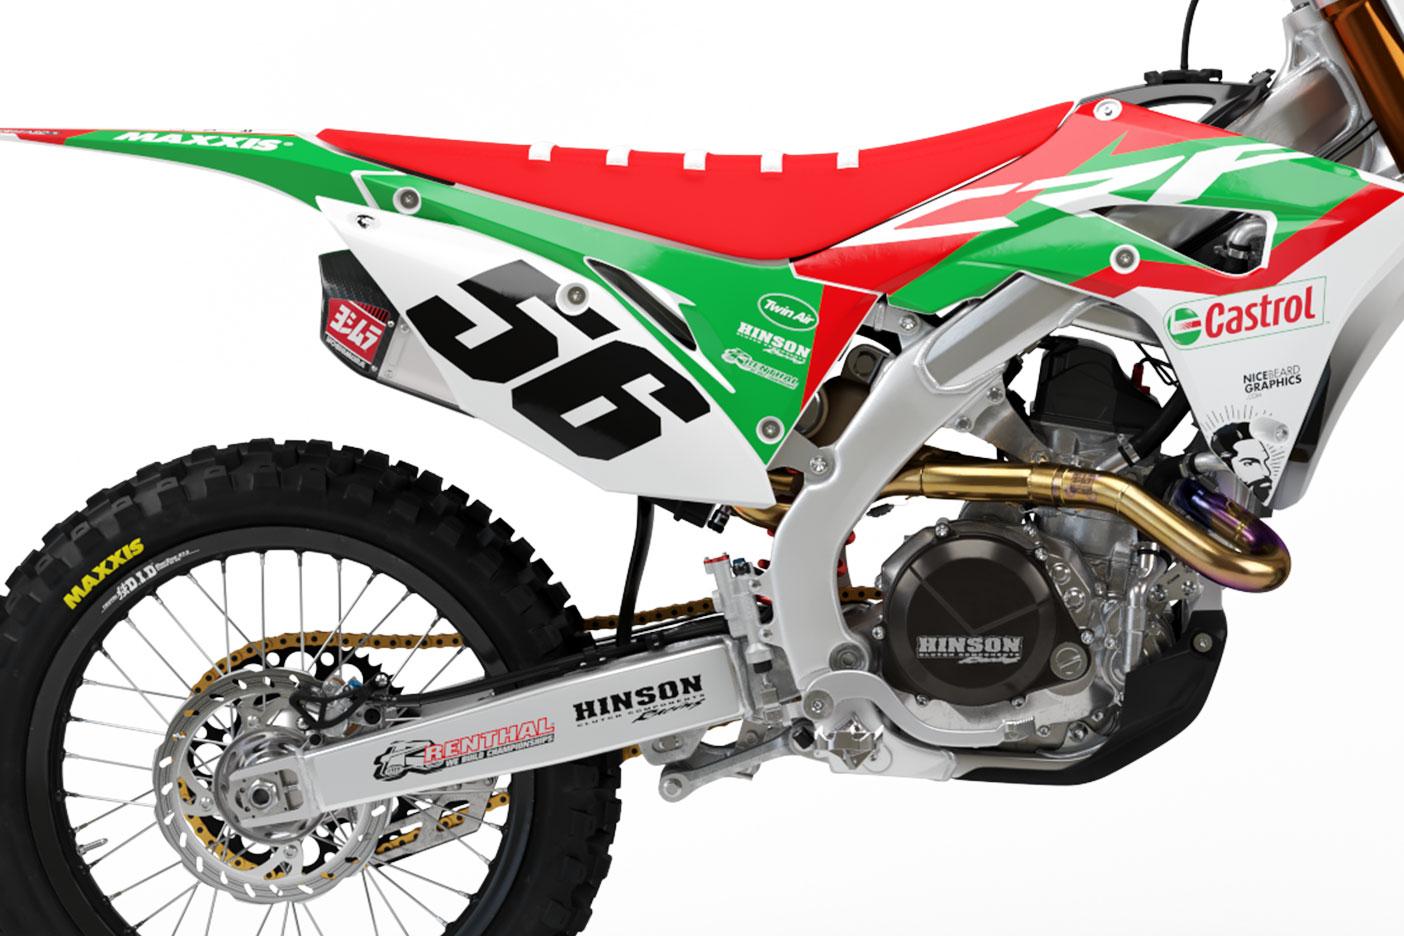 Ein Beispiel einer Startnummer auf dem Motorrad